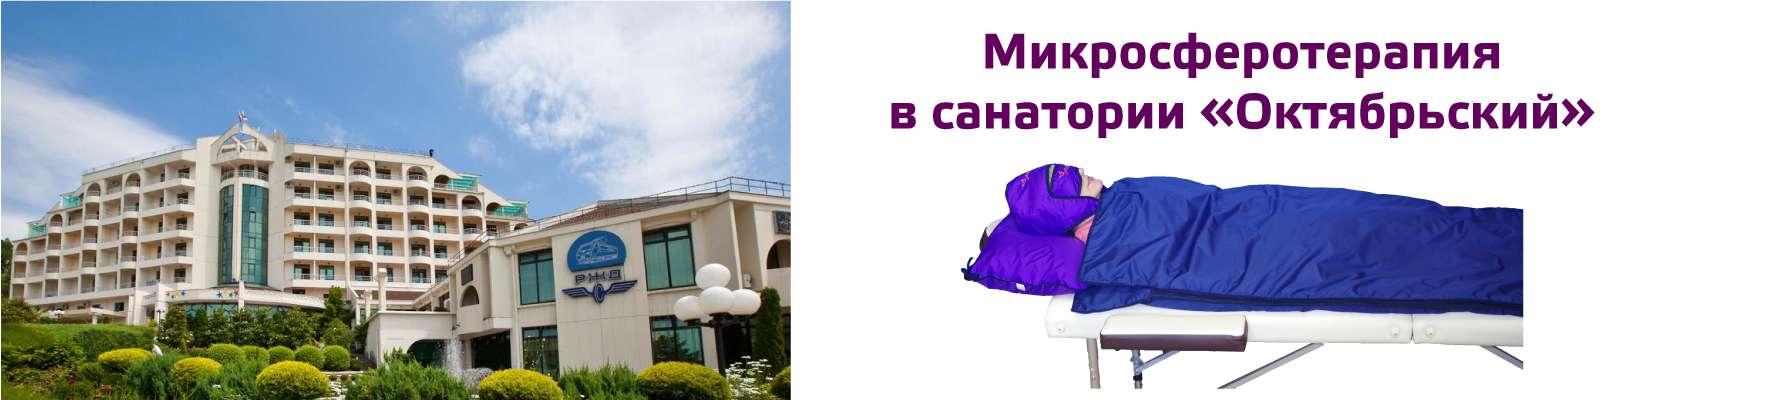 sanatorij-Oktyabr-skij